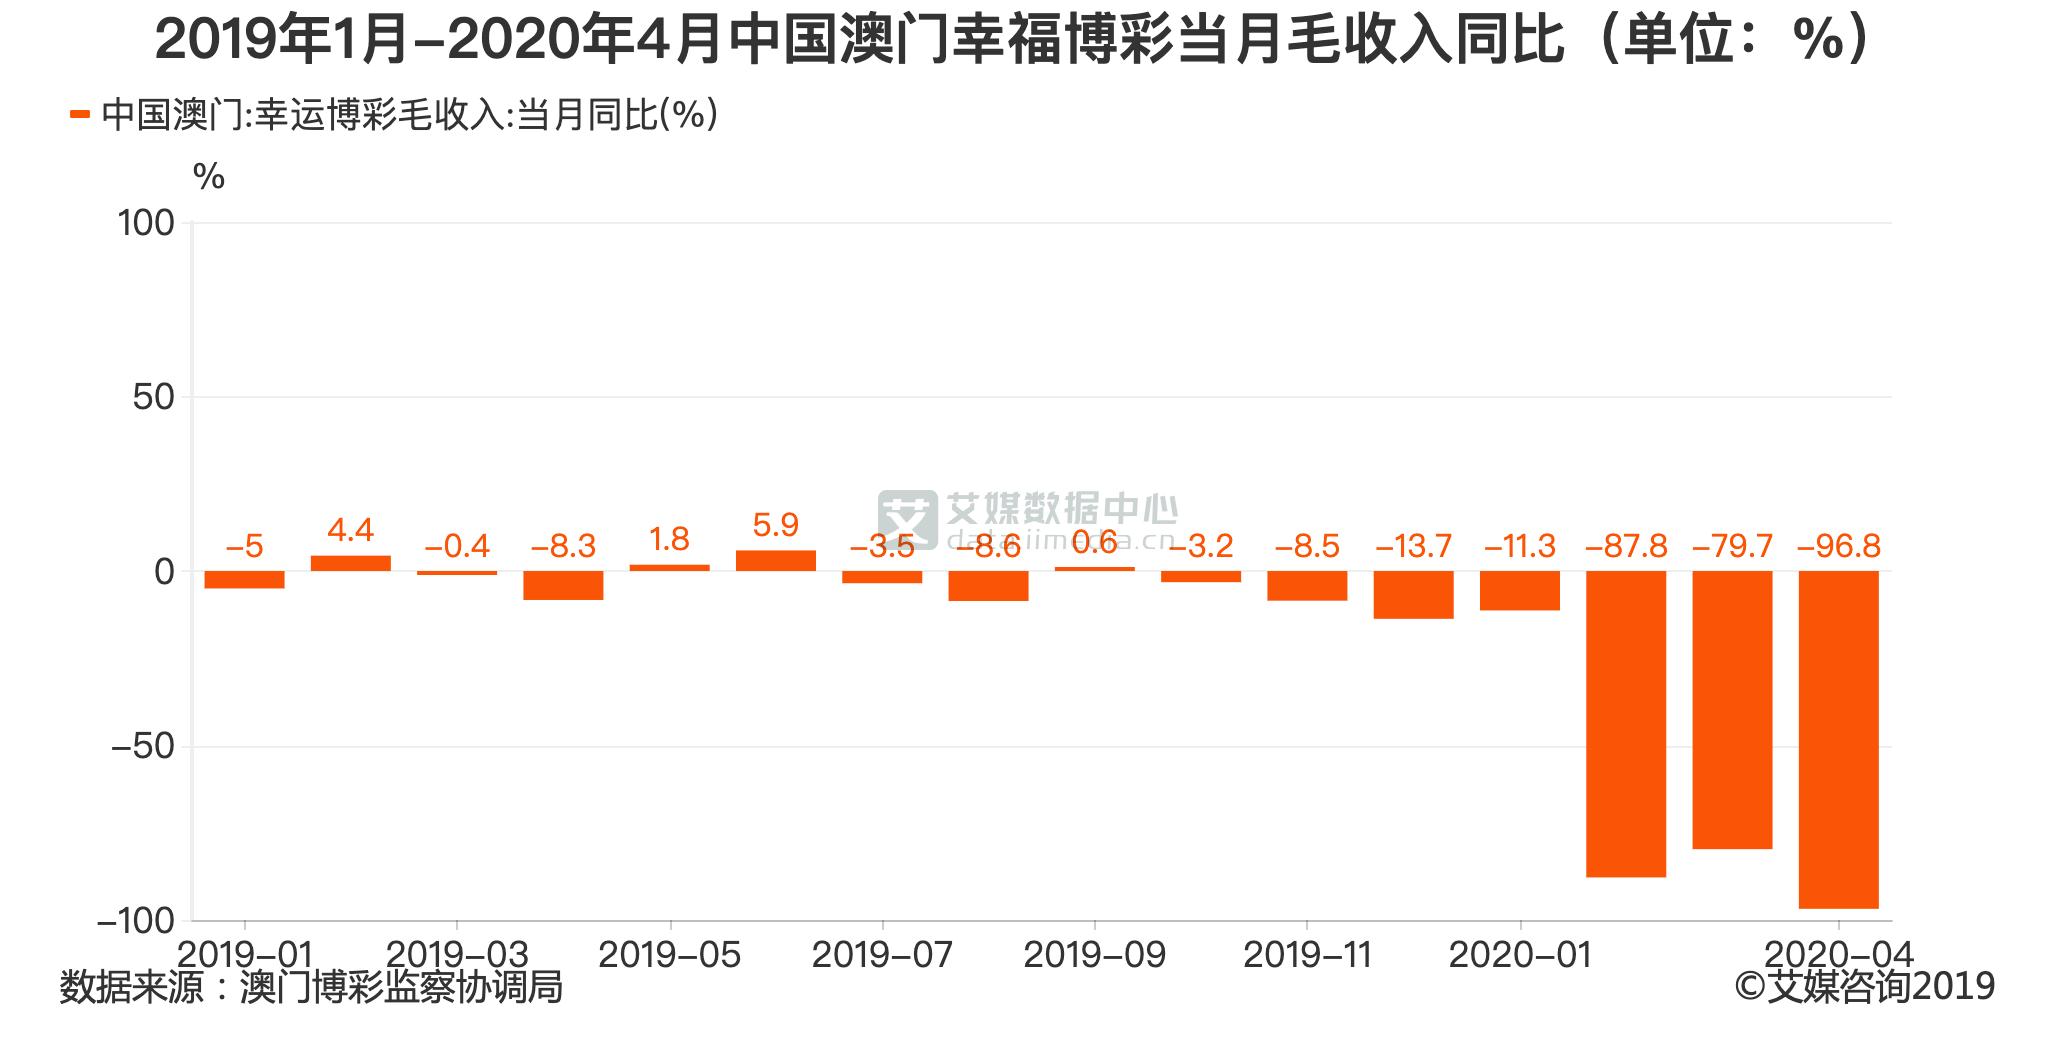 2019年1月-2020年4月中国澳门幸福博彩当月毛收入同比(单位:%)